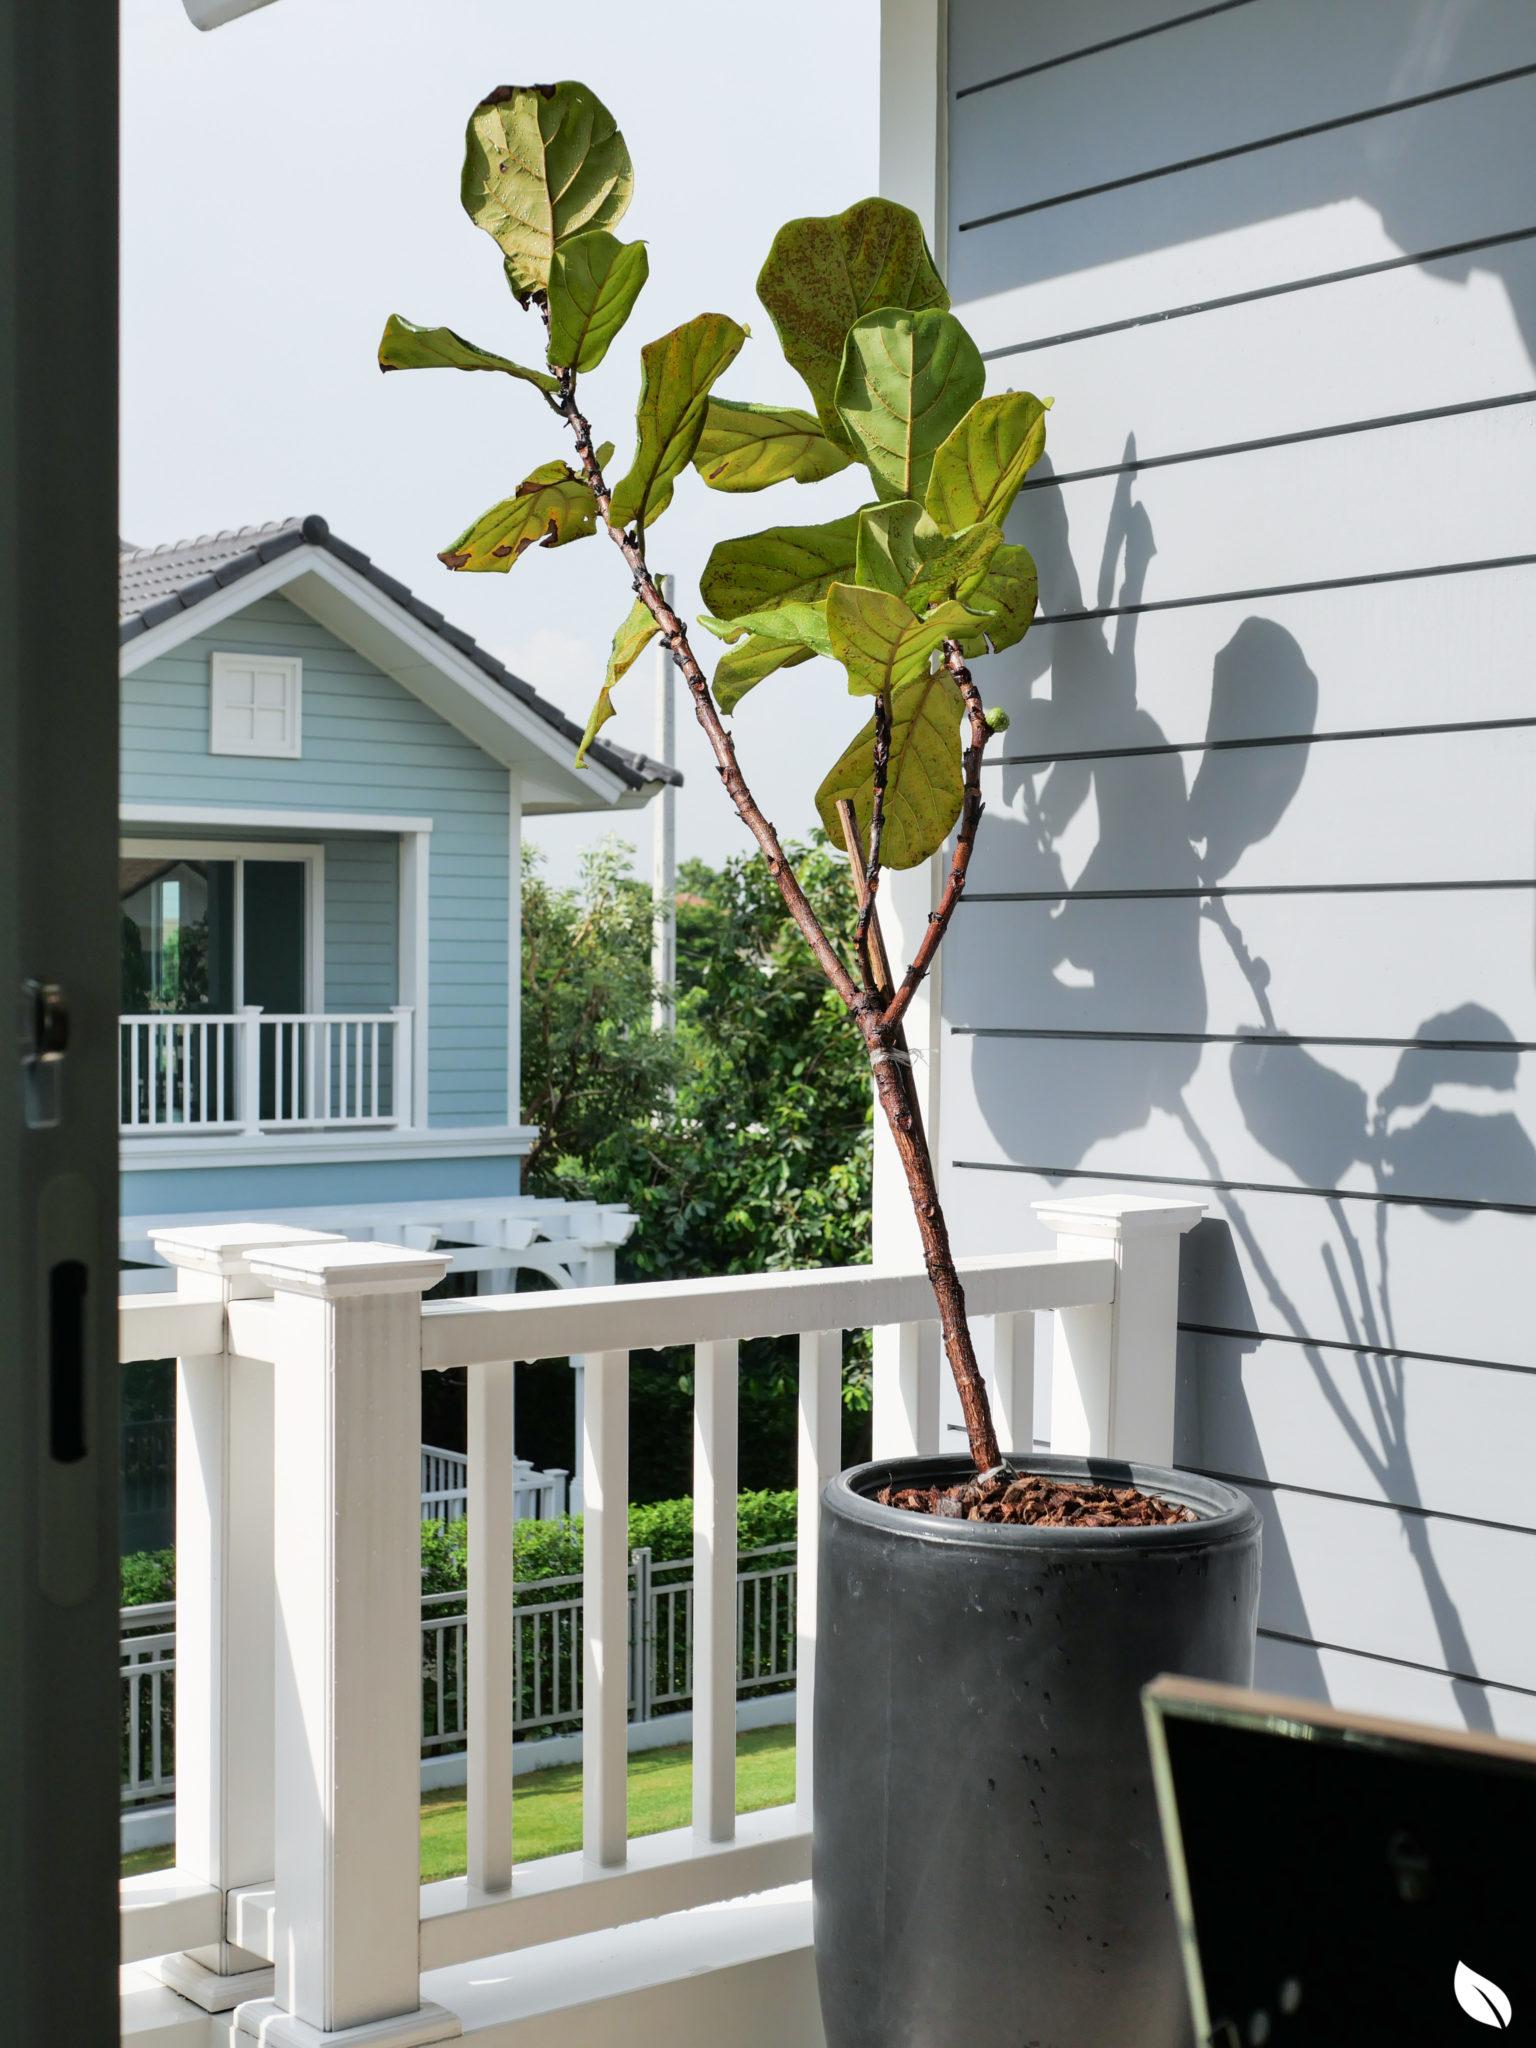 รีวิว บุราสิริ ปัญญาอินทรา บ้านเดี่ยวสวยสไตล์ New England Colonial ส่วนกลางกว่า 13 ไร่โดย SANSIRI 92 - burasiri